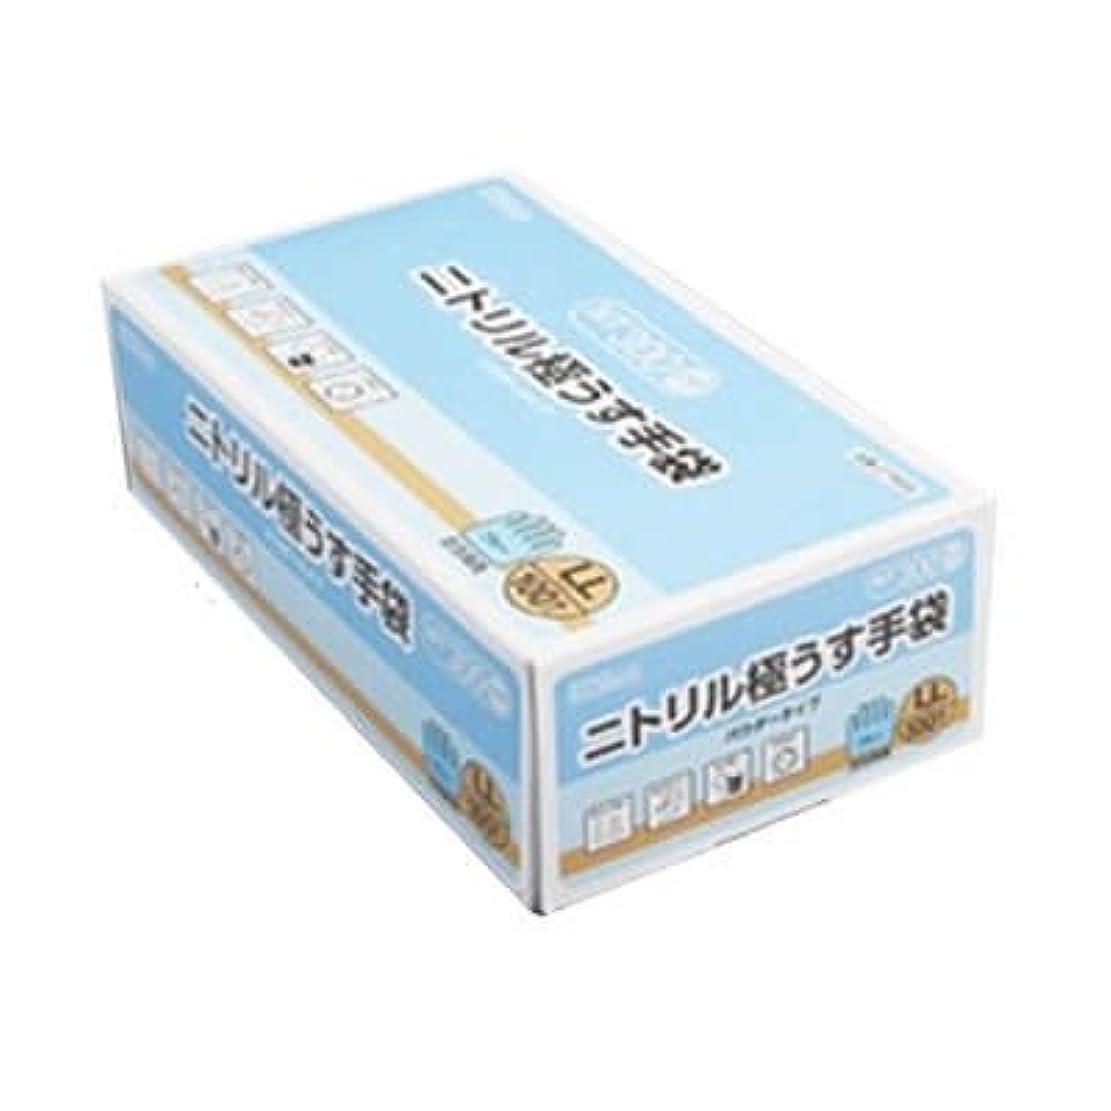 麻痺滑り台定期的に【ケース販売】 ダンロップ ニトリル極うす手袋 粉付 LL ブルー NT-300 (100枚入×20箱)